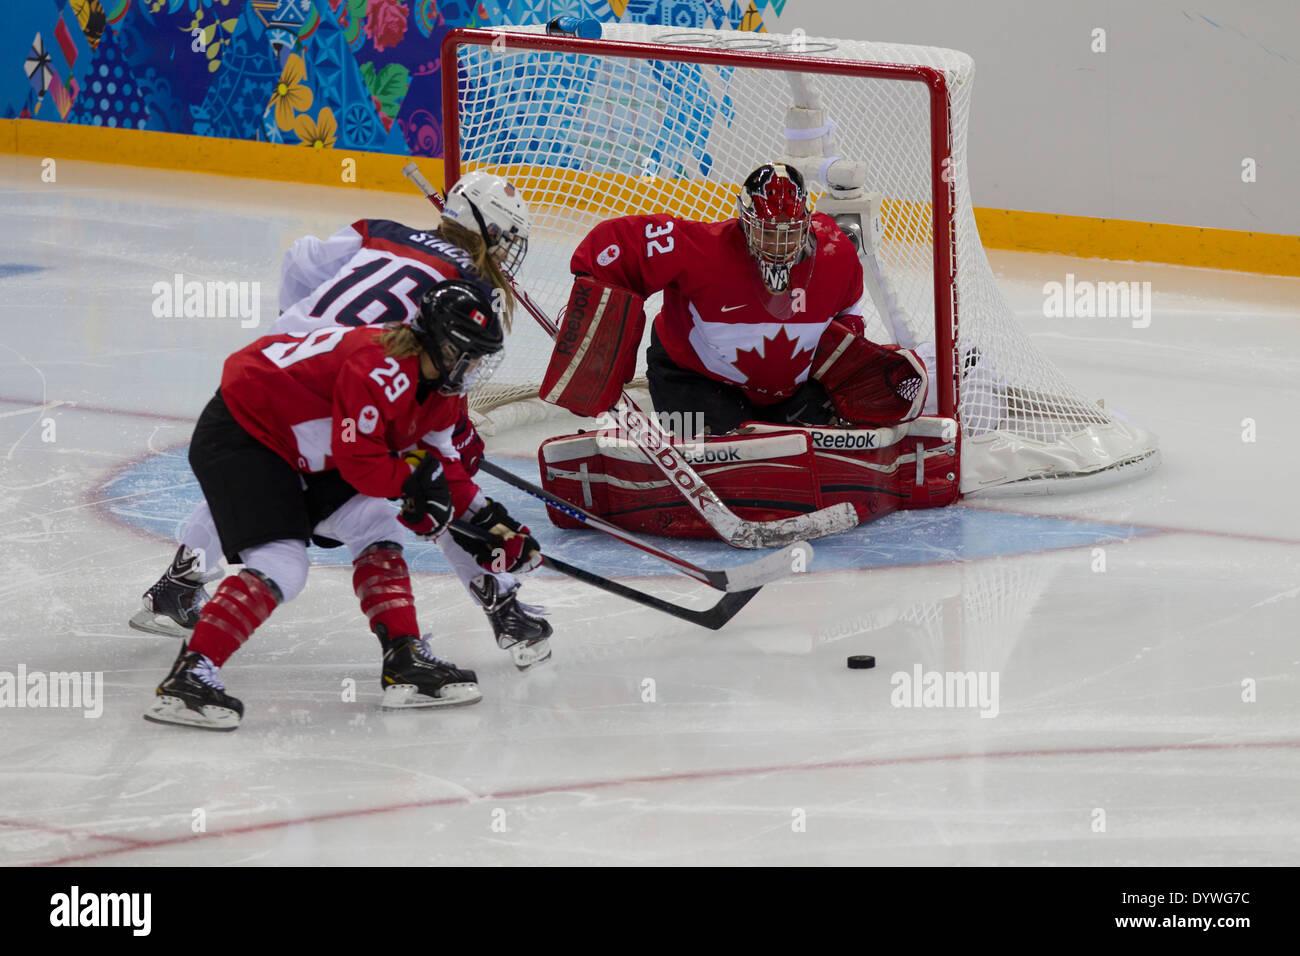 Charline Labonté gardien canadien, USA-Canada Le hockey sur glace féminin aux Jeux Olympiques d'hiver de Sotchi en 2014, Photo Stock